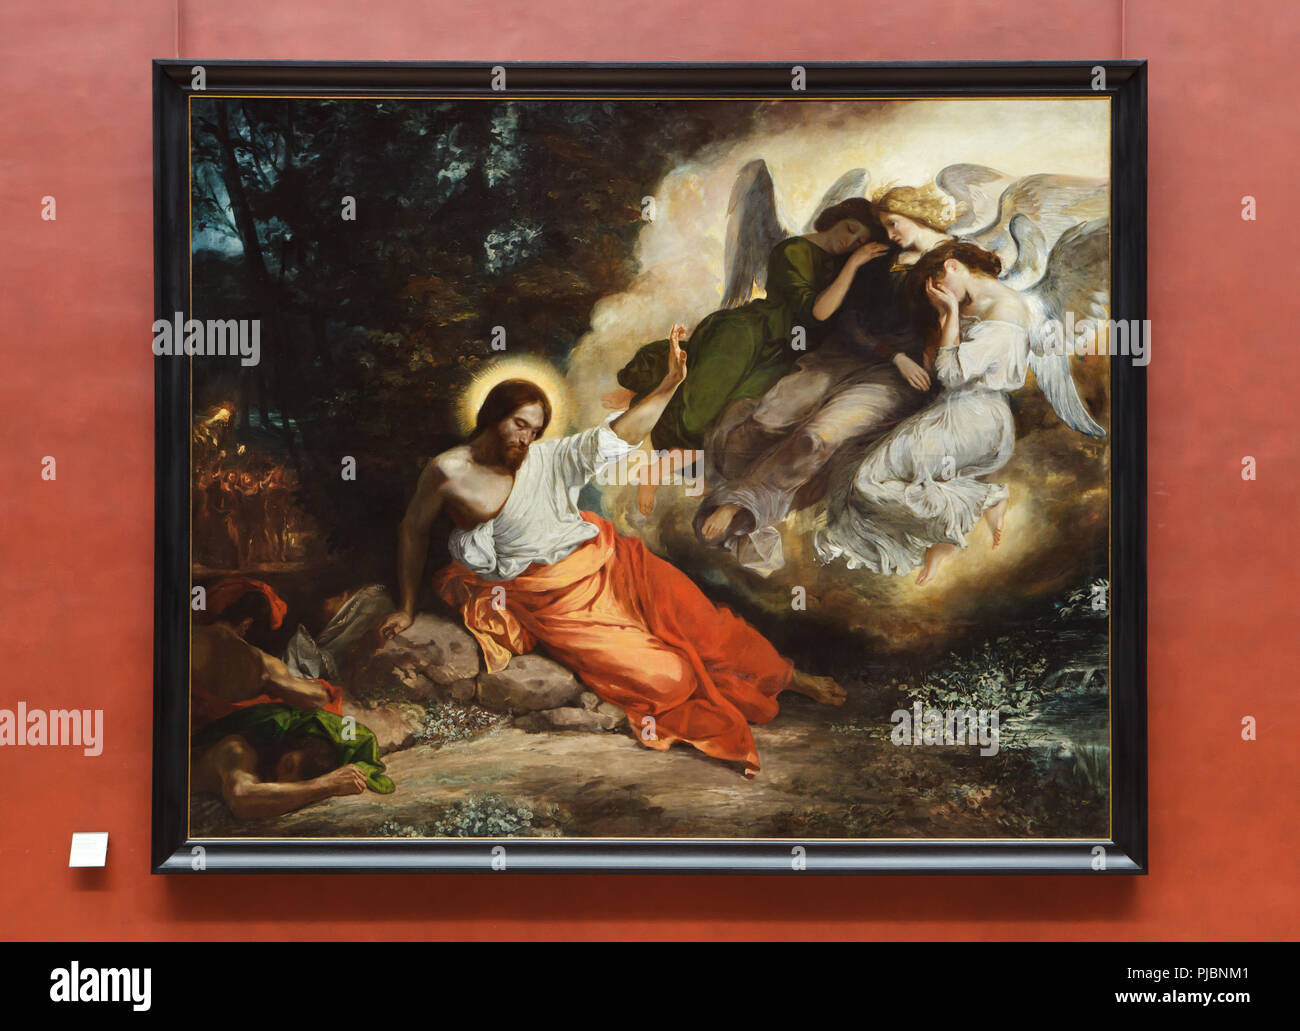 """Gemälde """"Christus am Ölberg"""" durch die Französische romantische Maler Eugène Delacroix (1824) auf dem Display an seiner Retrospektive im Musée du Louvre in Paris, Frankreich. Die Ausstellung, die Meisterwerke der Führer der französischen Romantik läuft bis 23. Juli 2018. Stockbild"""